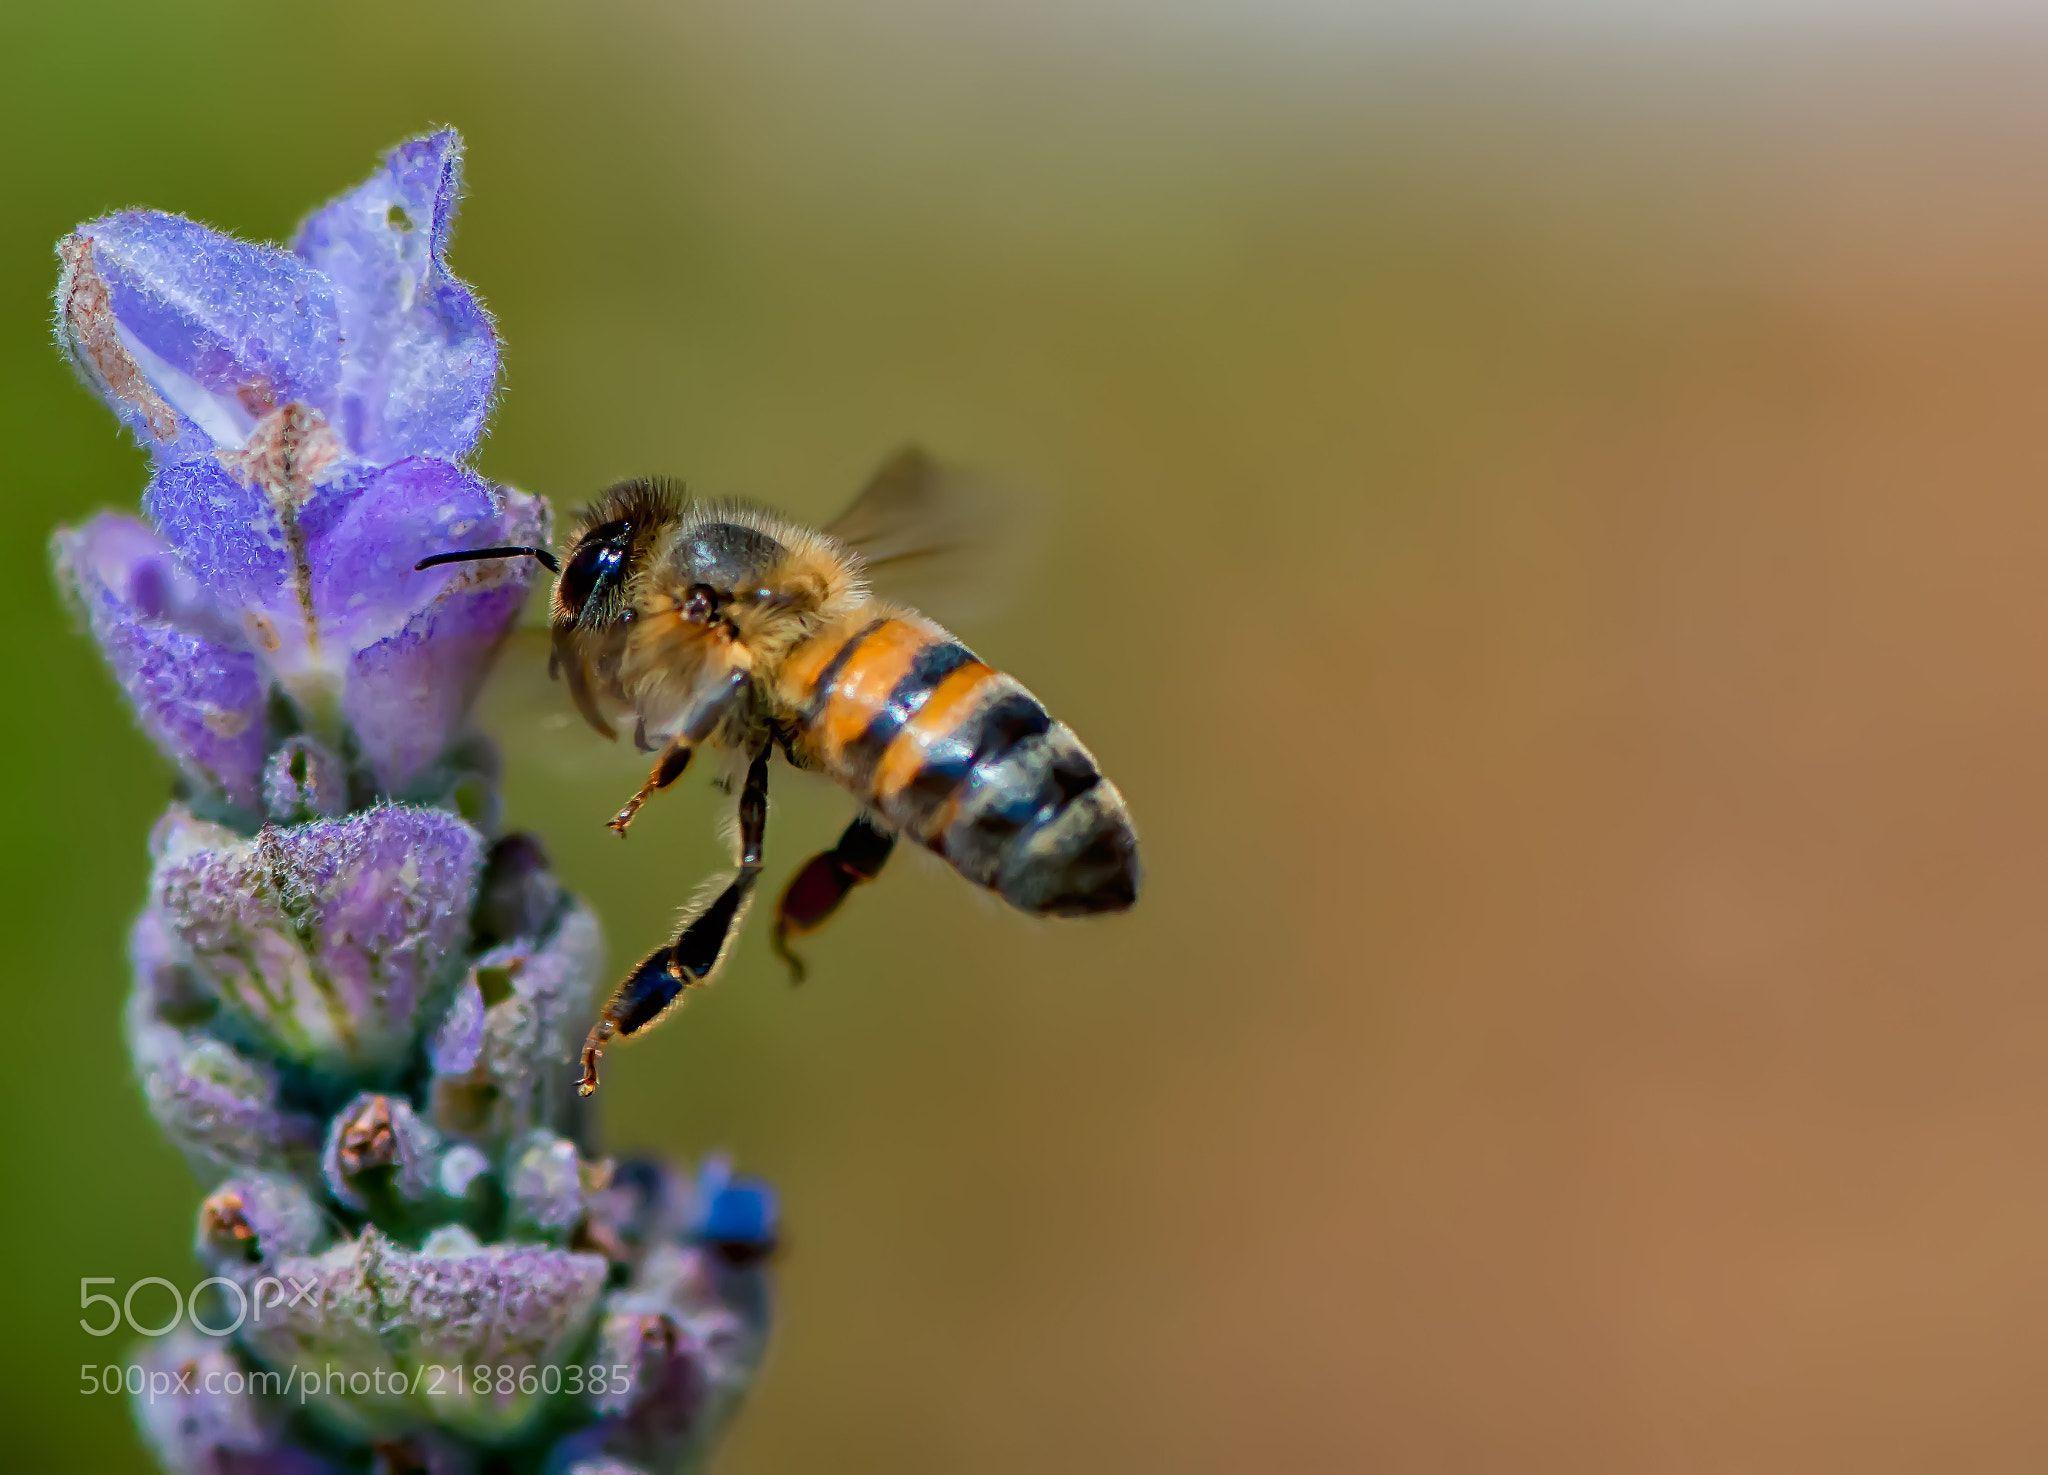 incomming (patrick strock / menifee / riverside) #nikon D800E #macro #photo #insect #nature